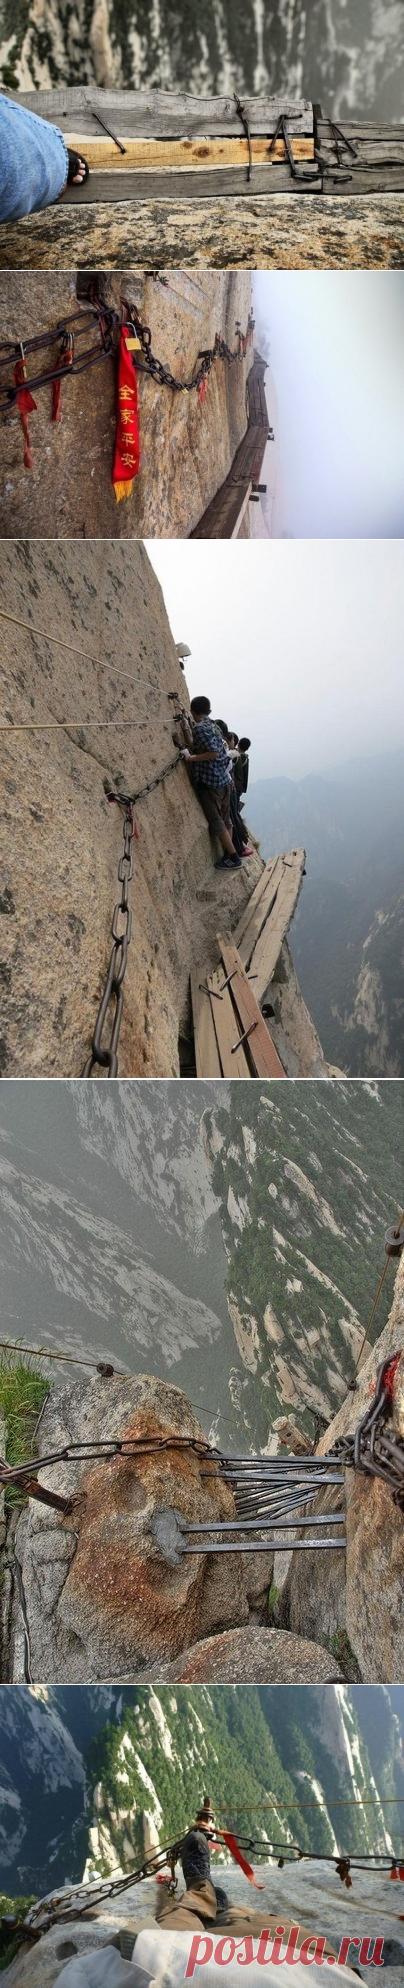 Пешеходный маршрут смерти на горе Хуашань, Китай - Путешествуем вместе